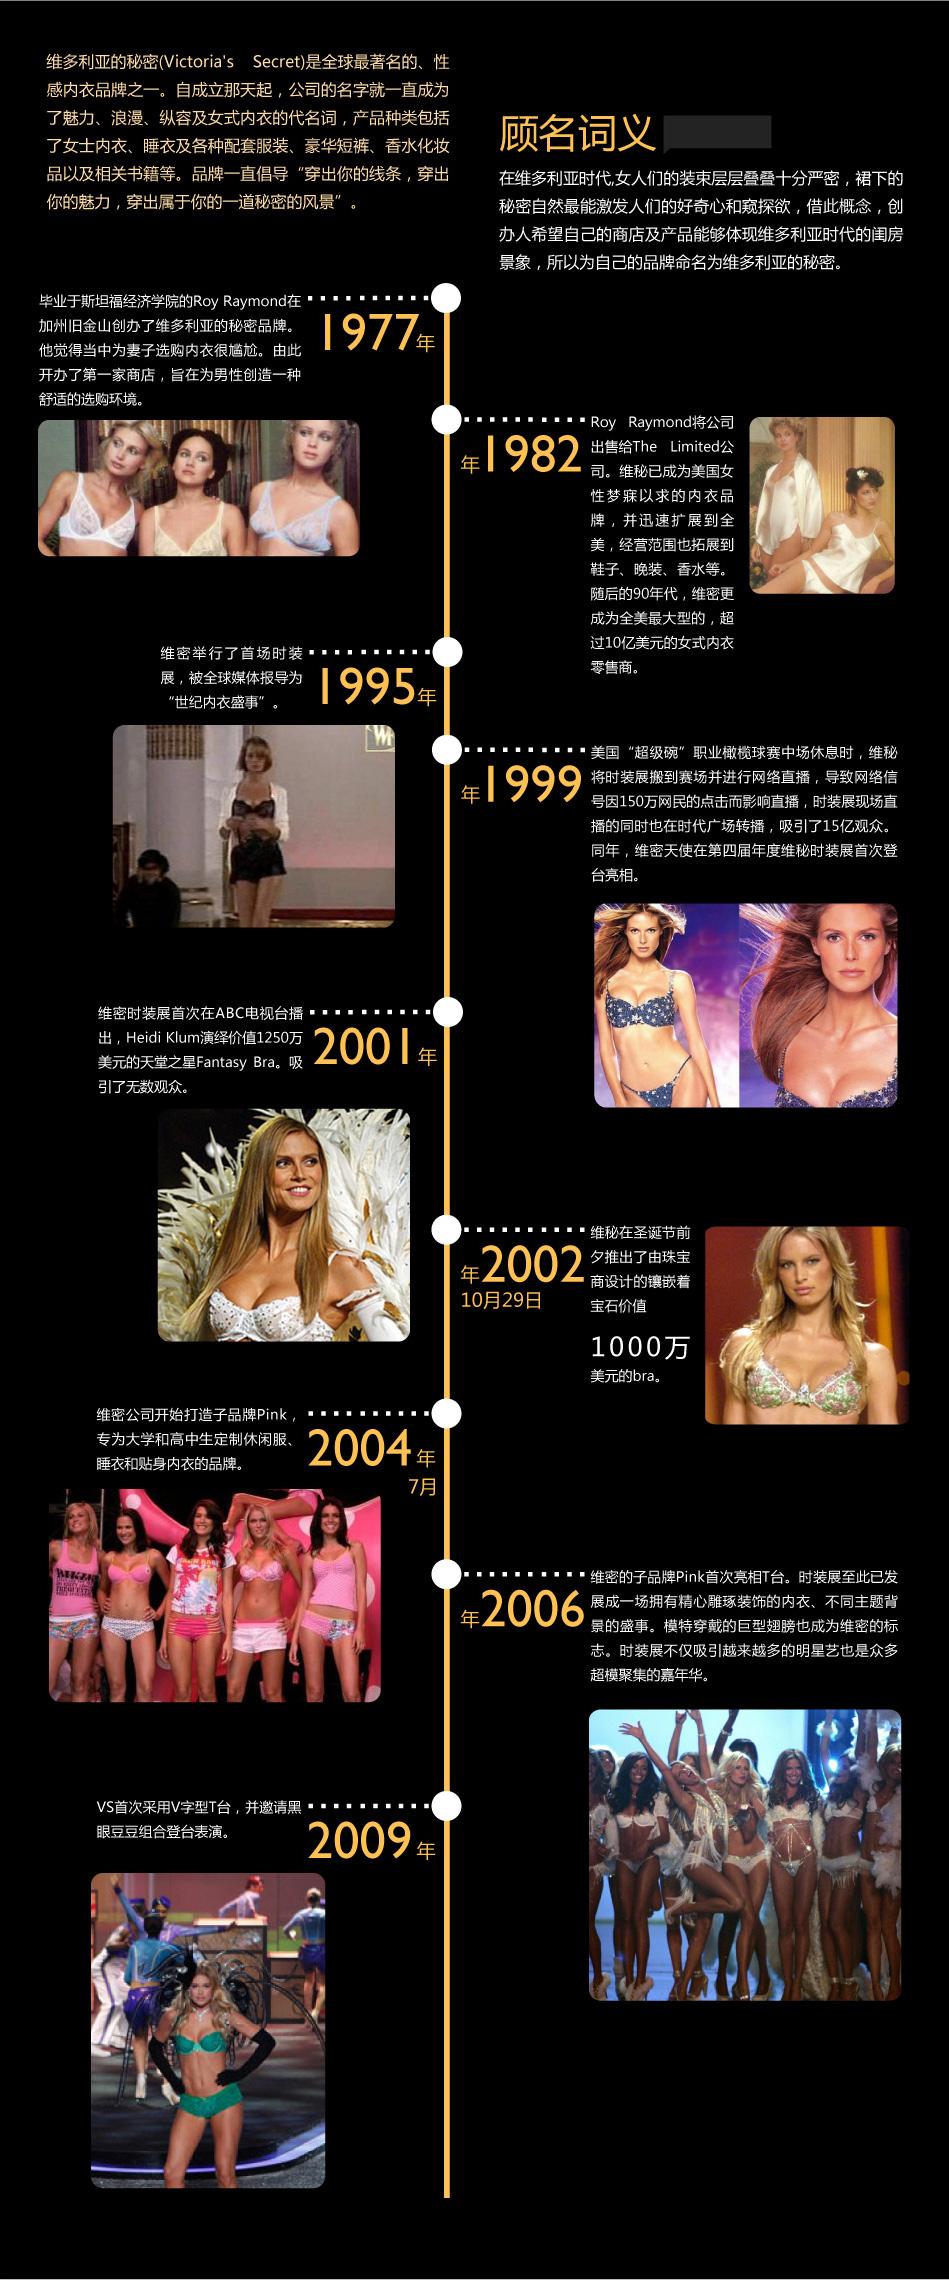 2013维多利亚的秘密年度大秀_新浪时尚_新浪网